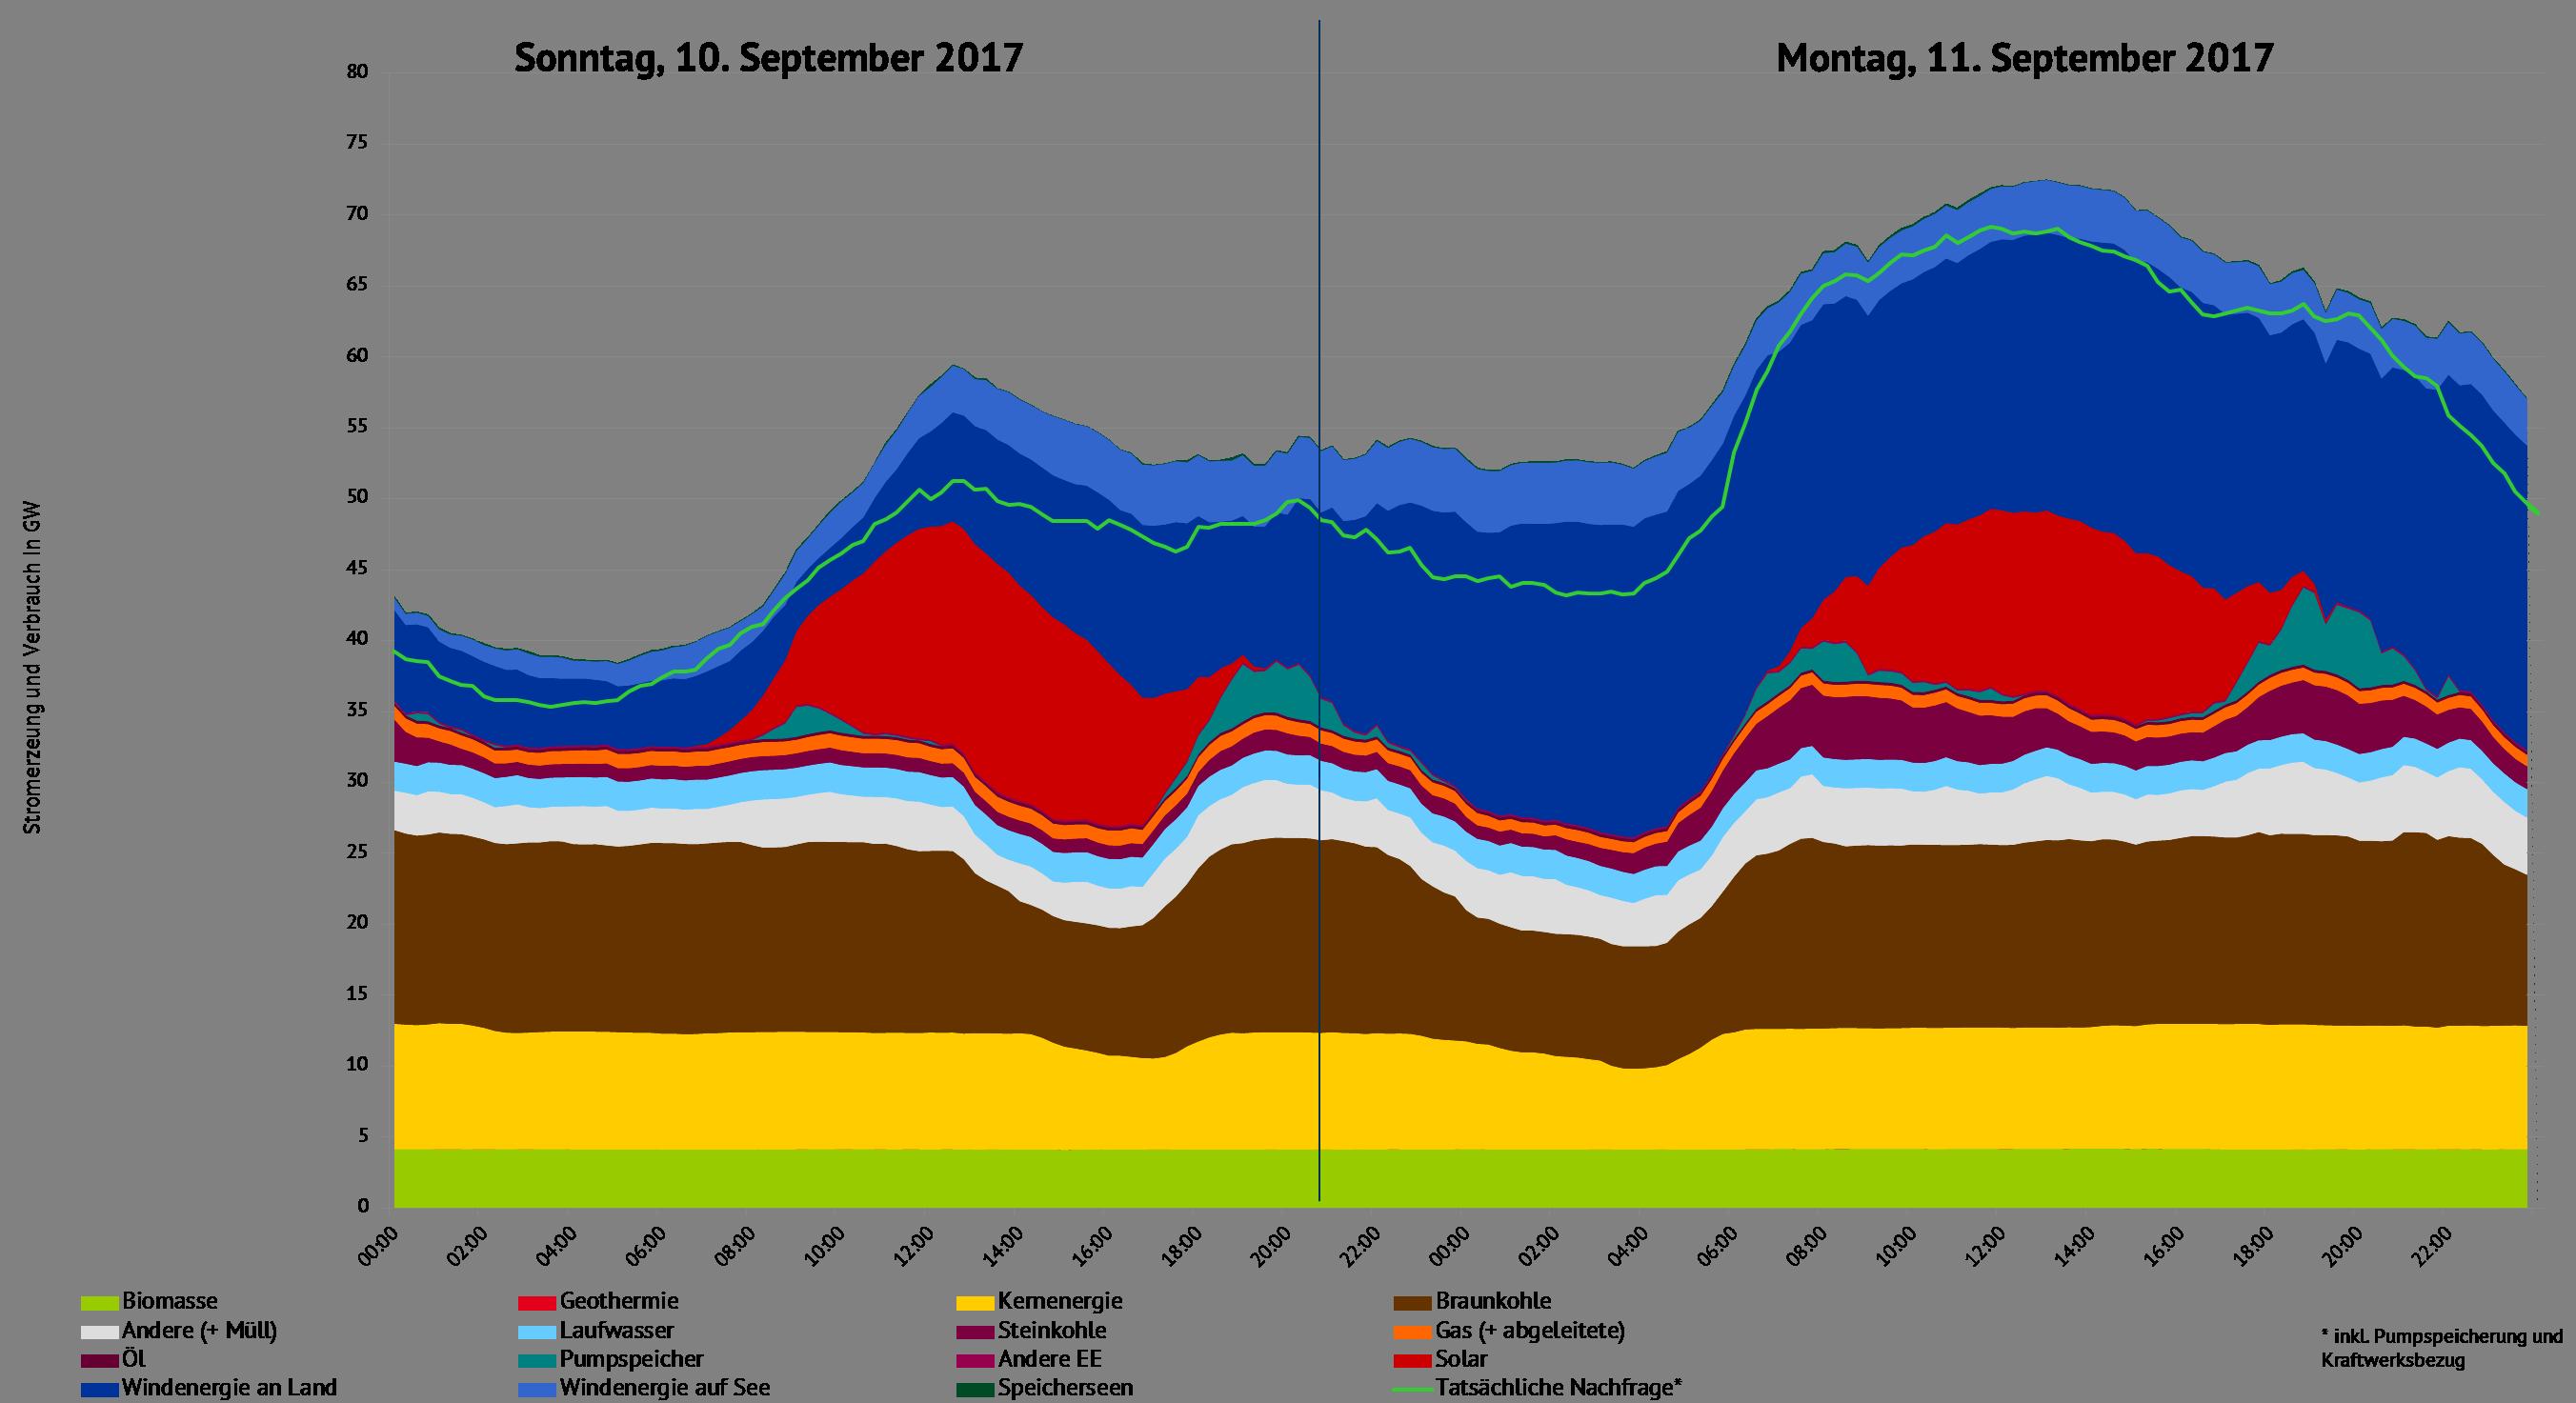 Stromerzeugung und -nachfrage in Deutschland Quelle: ENTSO-E Transparency, eigene Darstellung